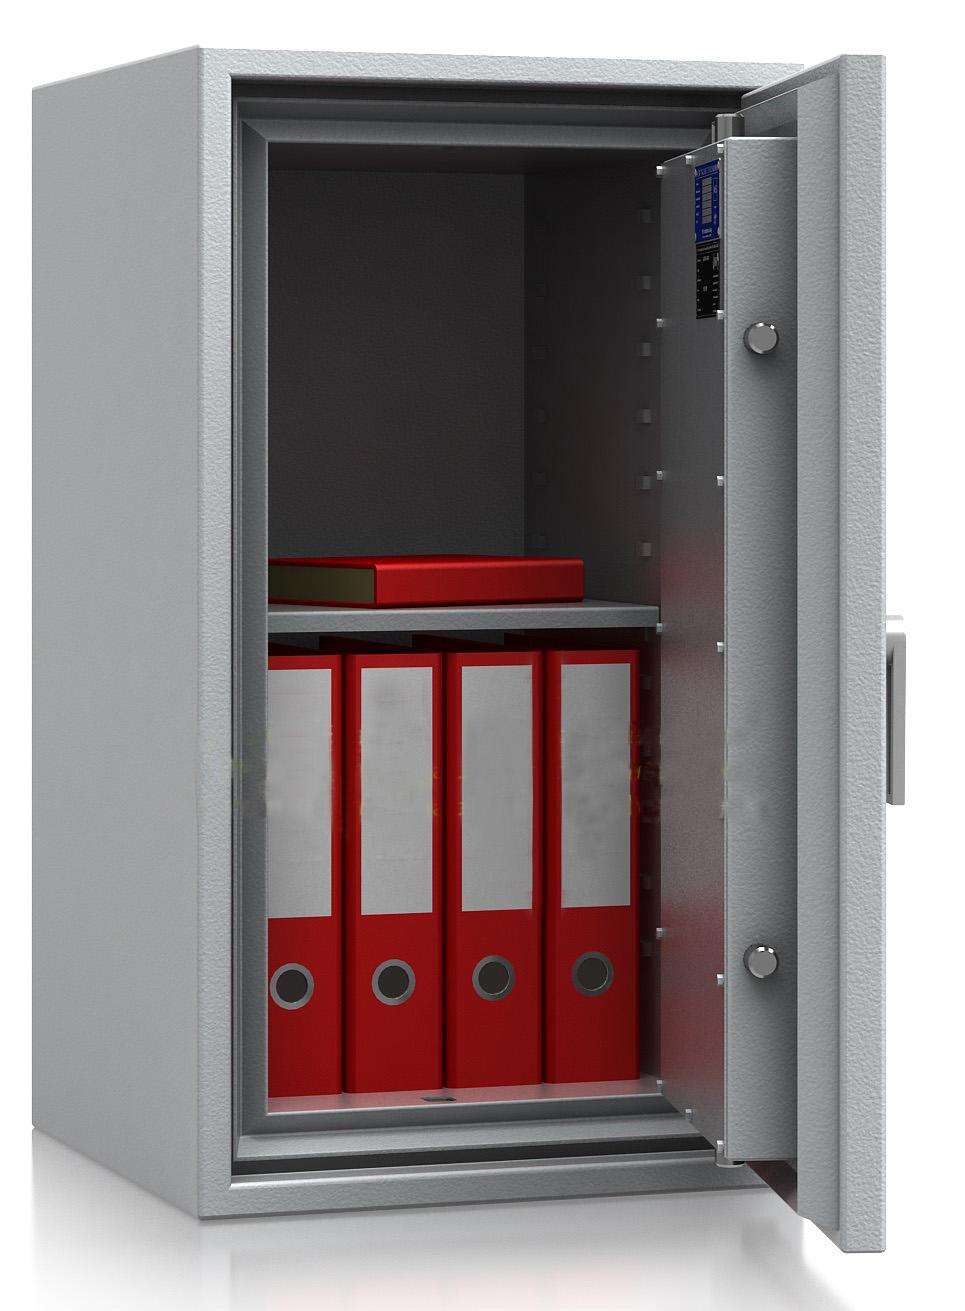 DRS Combi-Safe 3 K open